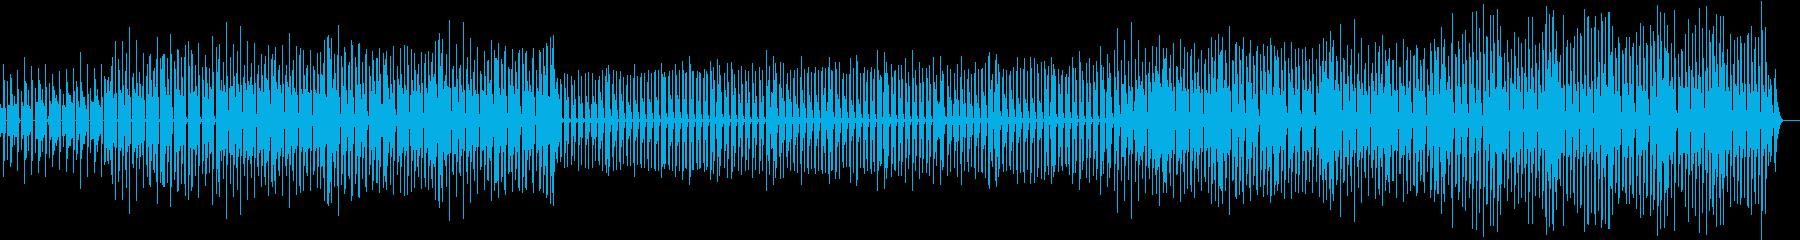 かわいく使えるシンプルポップの再生済みの波形